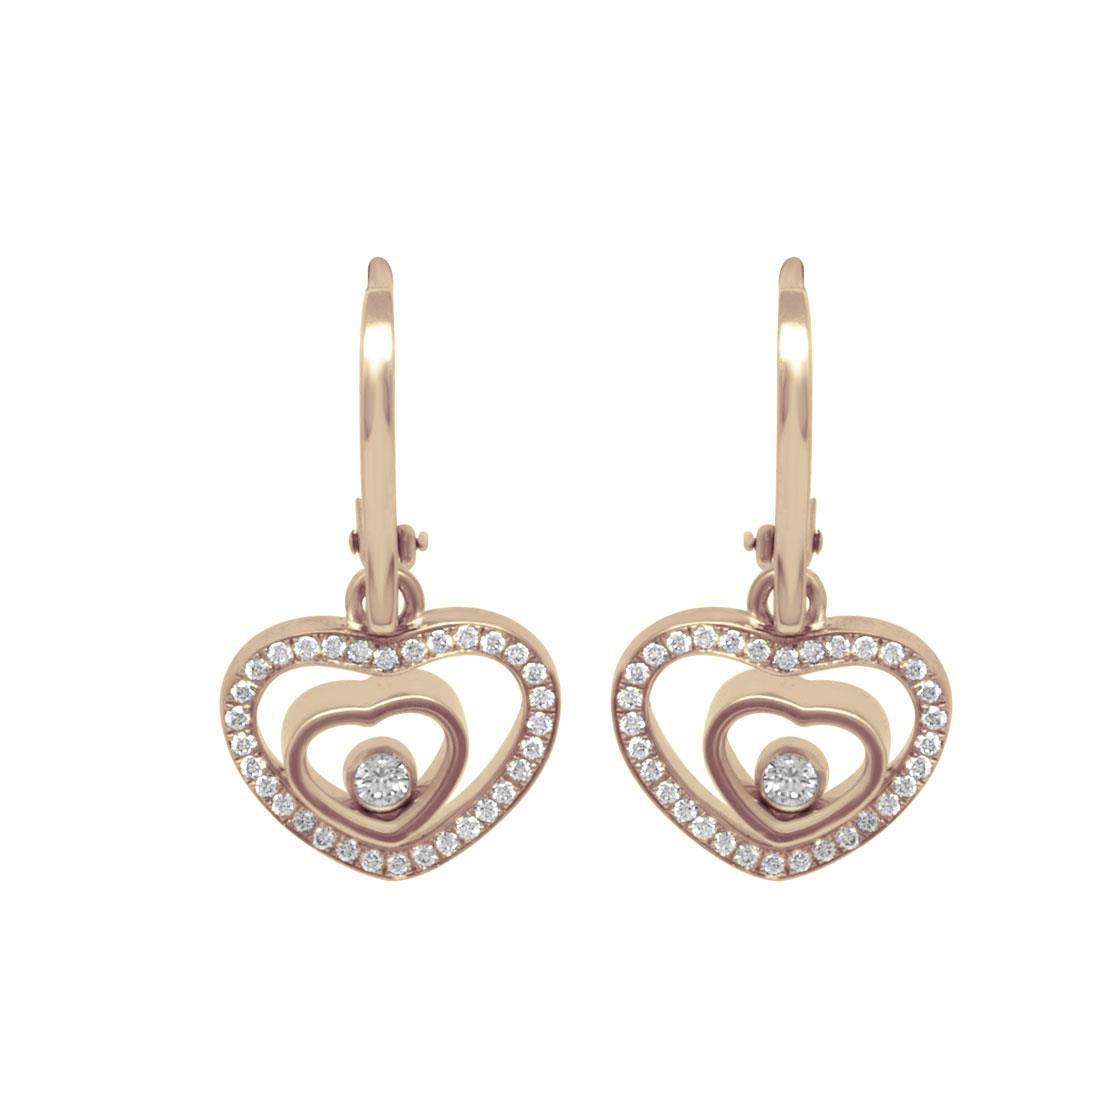 Orecchini pendenti Chopard in oro rosa e diamanti - CHOPARD